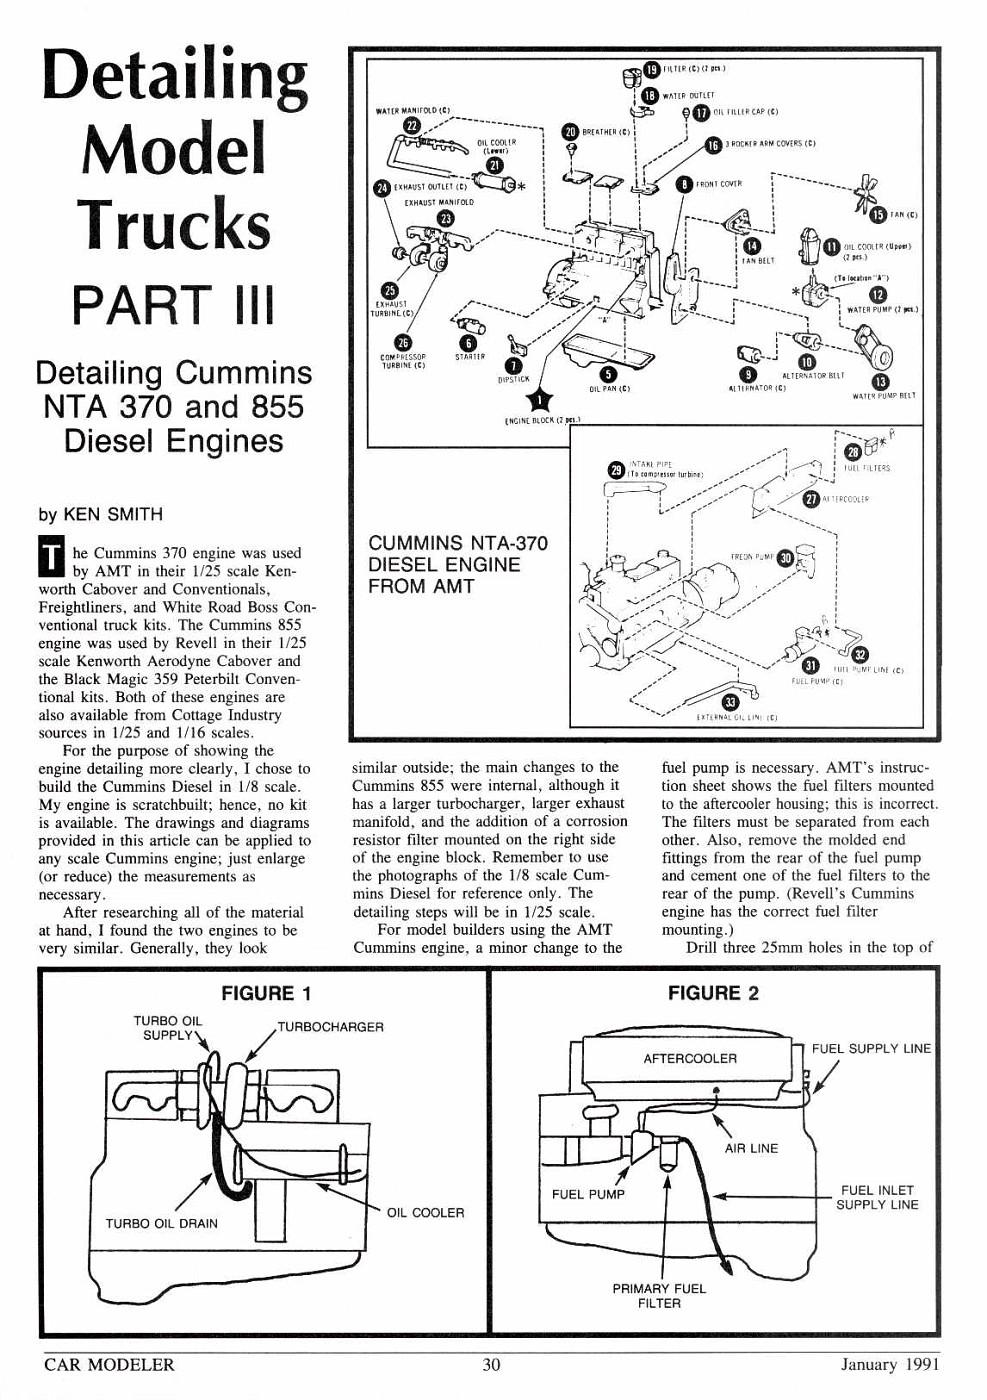 CarModeler 05 Jan-1991 p30 Detailing Model Trucks